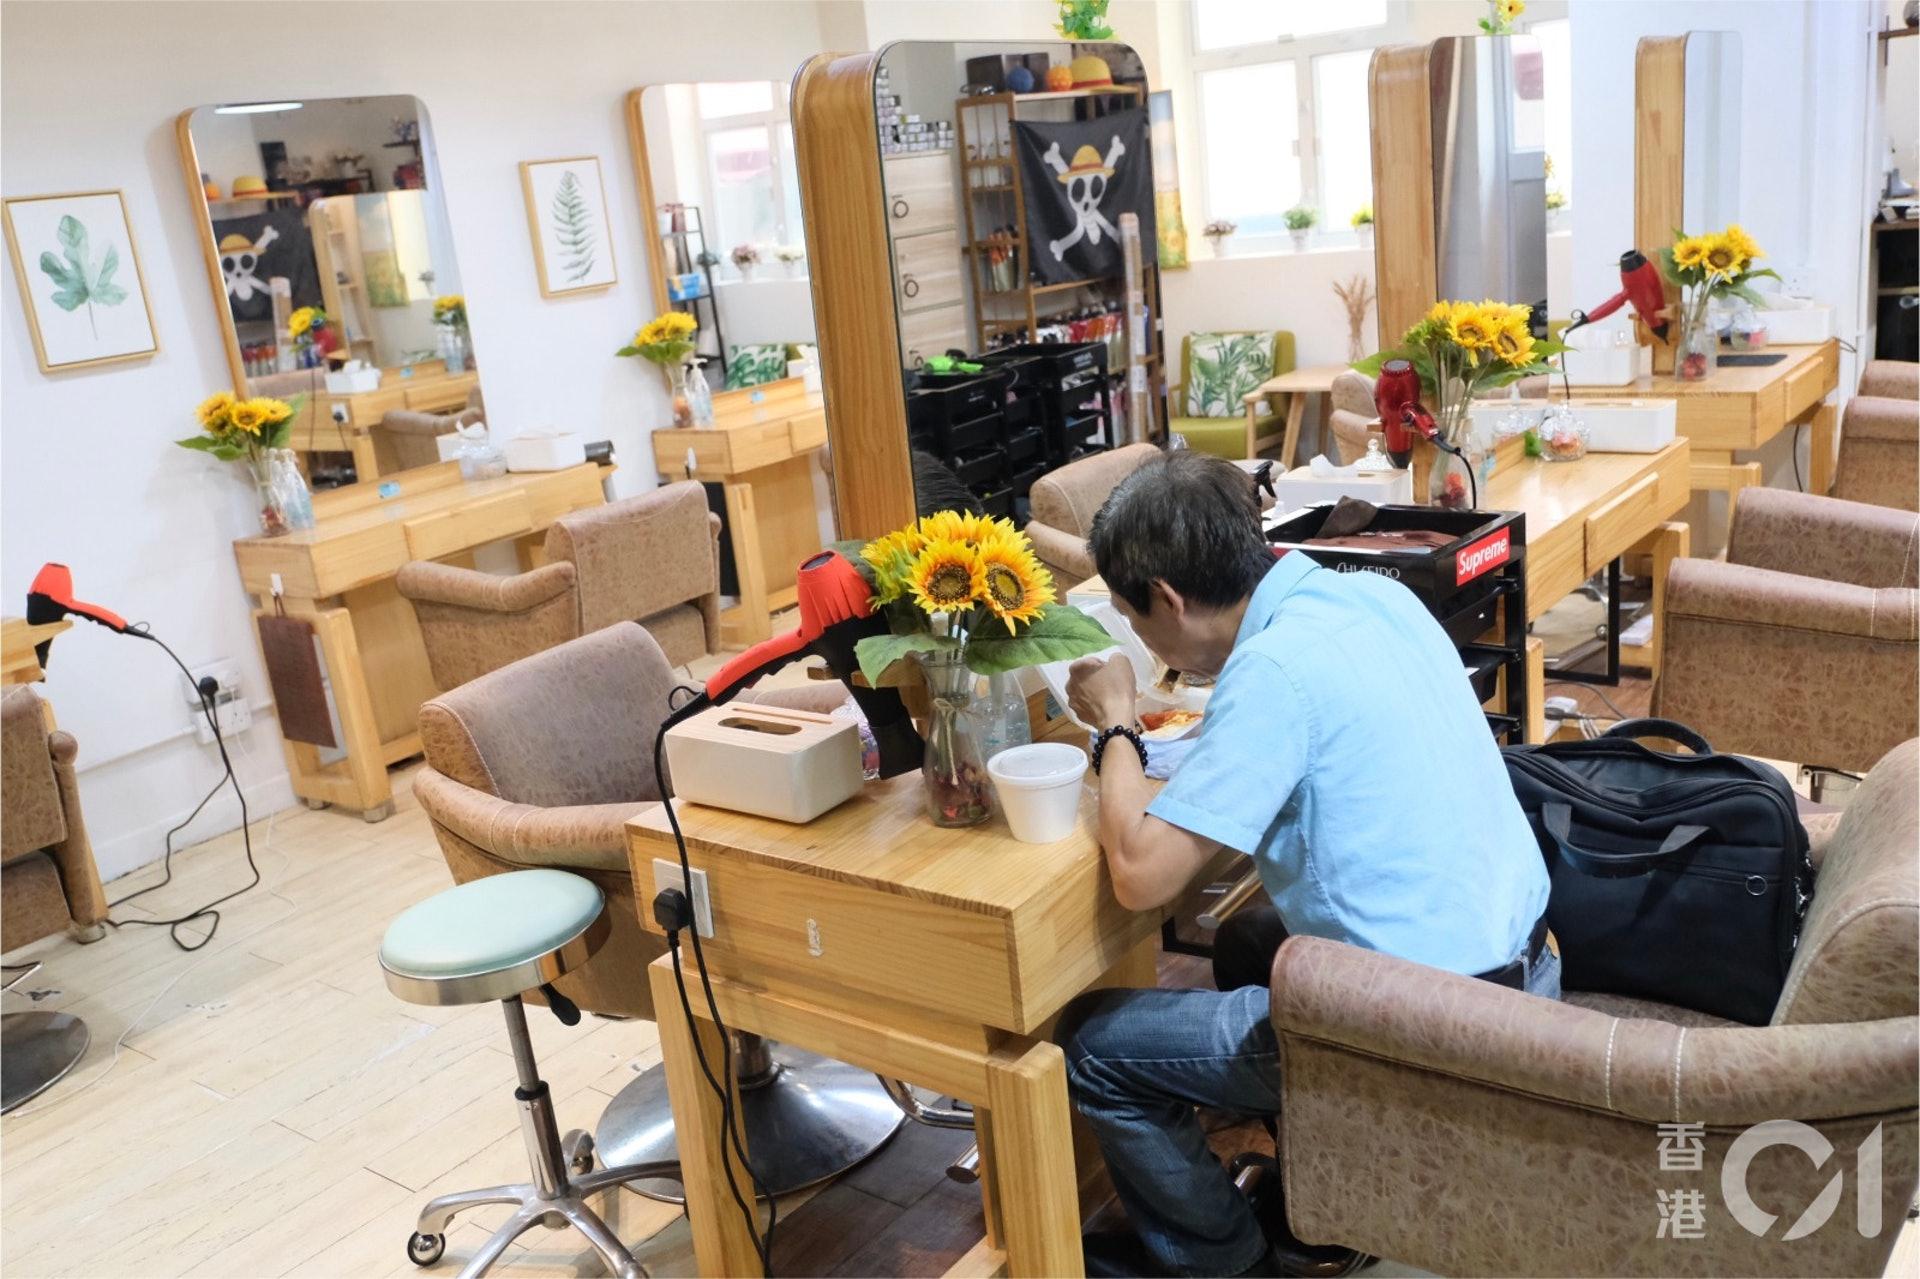 7月30日,全日禁堂食令下有髮型屋開放讓市民入內進餐。(盧翊銘攝)